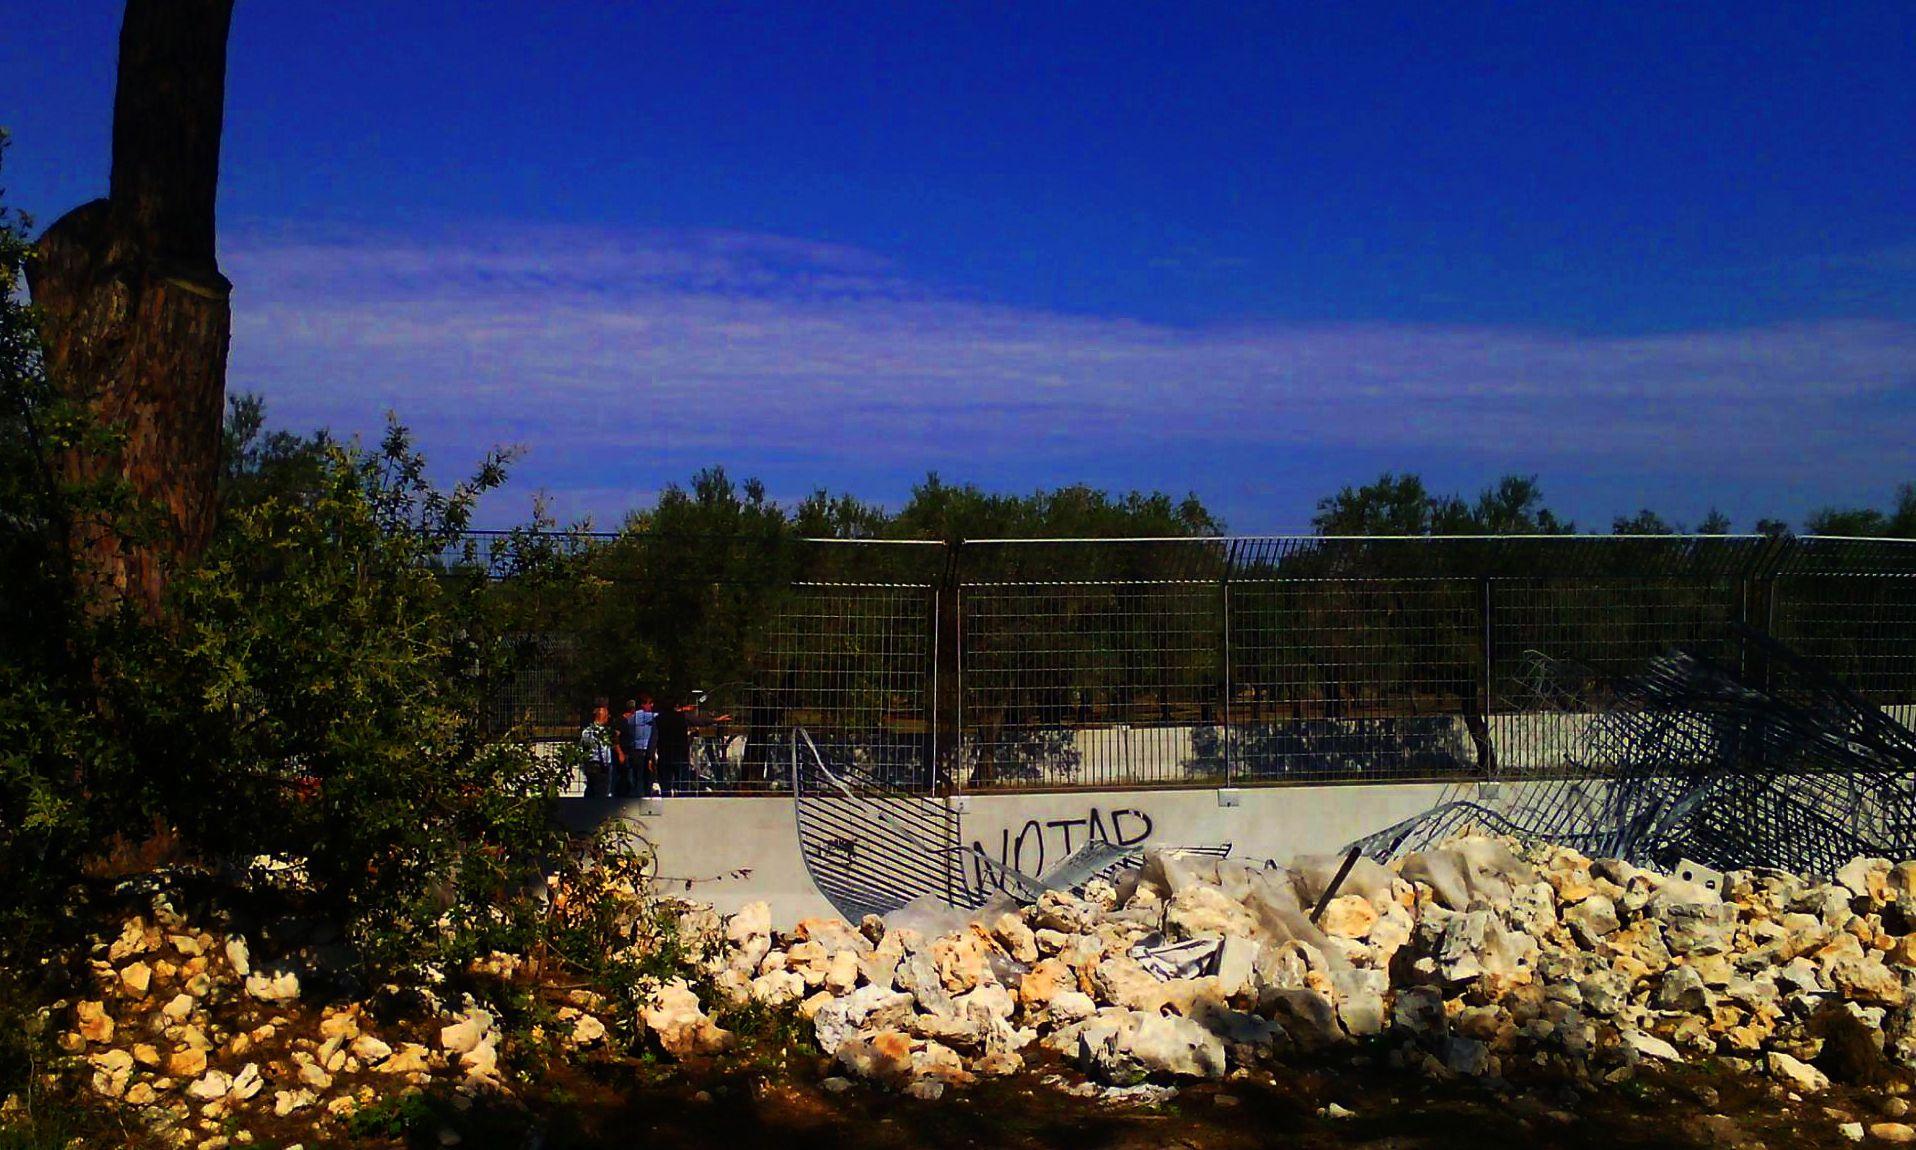 Mura di cinta e filo spinato al cantiere Tap per impedire ai manifestanti di oltrepassare il confine nella zona dei lavori. Vietata la libera circolazione anche ai residenti. Per l'ennesima volta, i diritti dei cittadini vengono violati nell'interesse delle multinazionali.